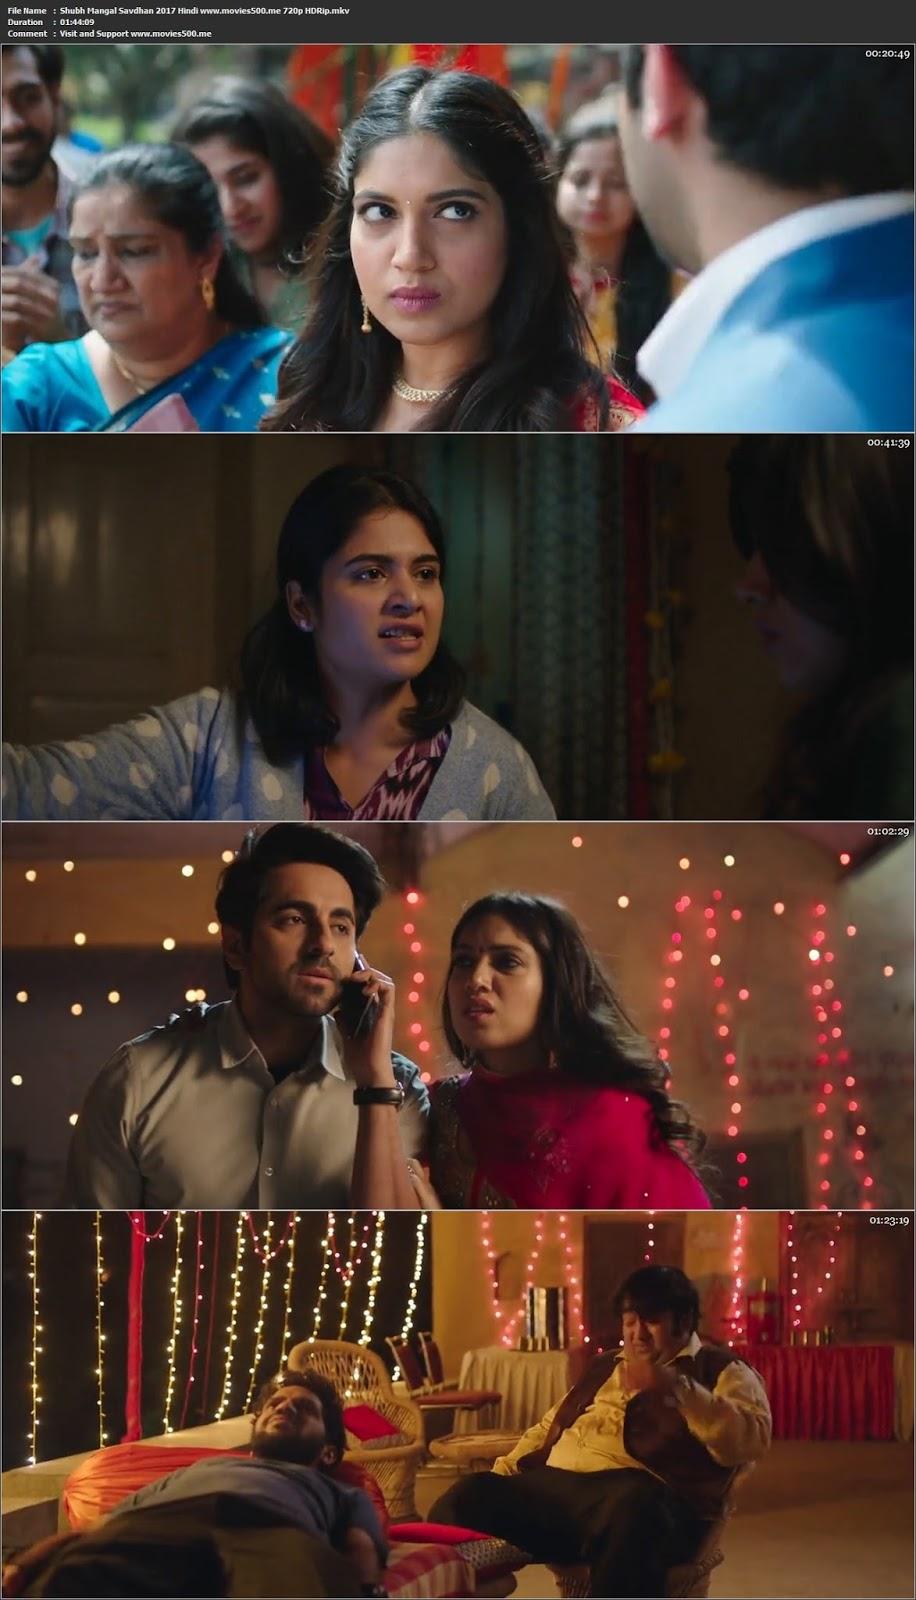 Shubh Mangal Saavdhan 2017 Hindi Movie Desi DVDRip 720p at rmsg.us